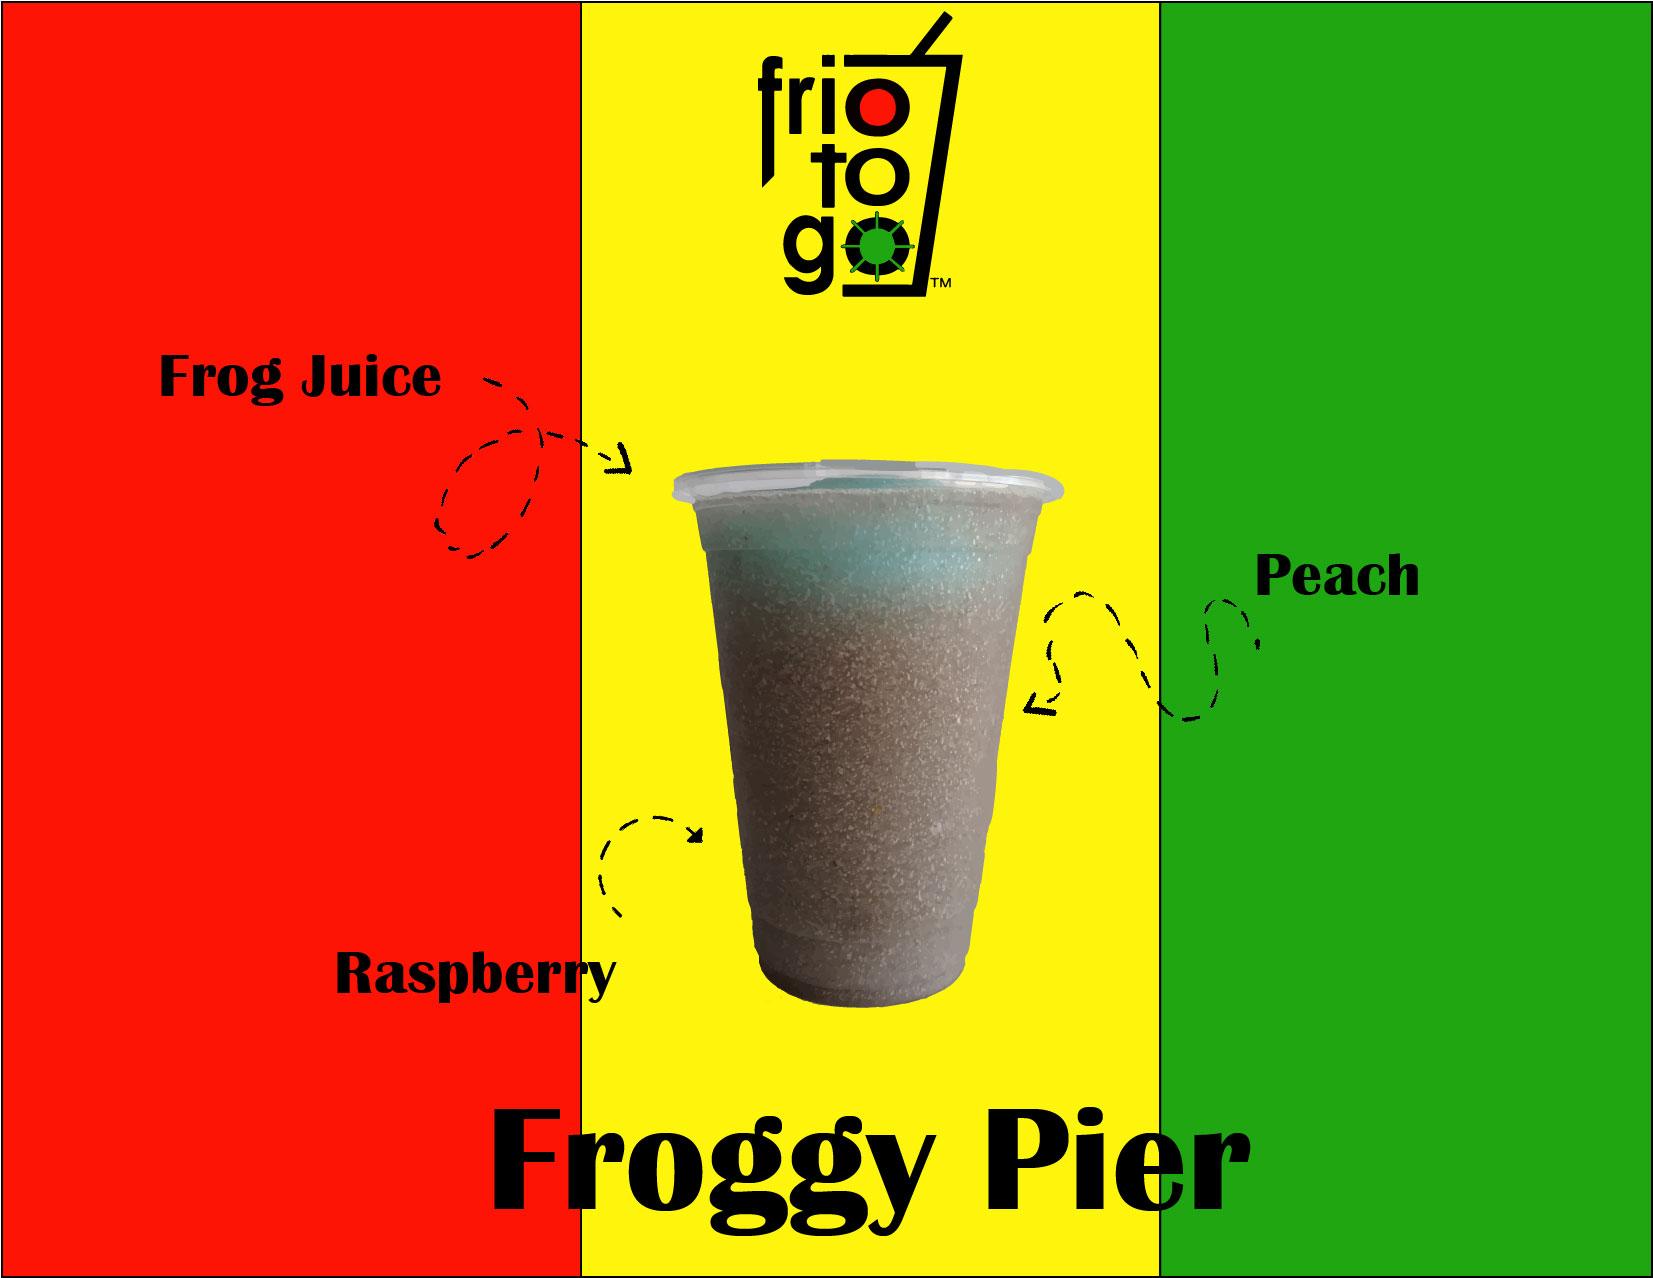 Froggy Pier